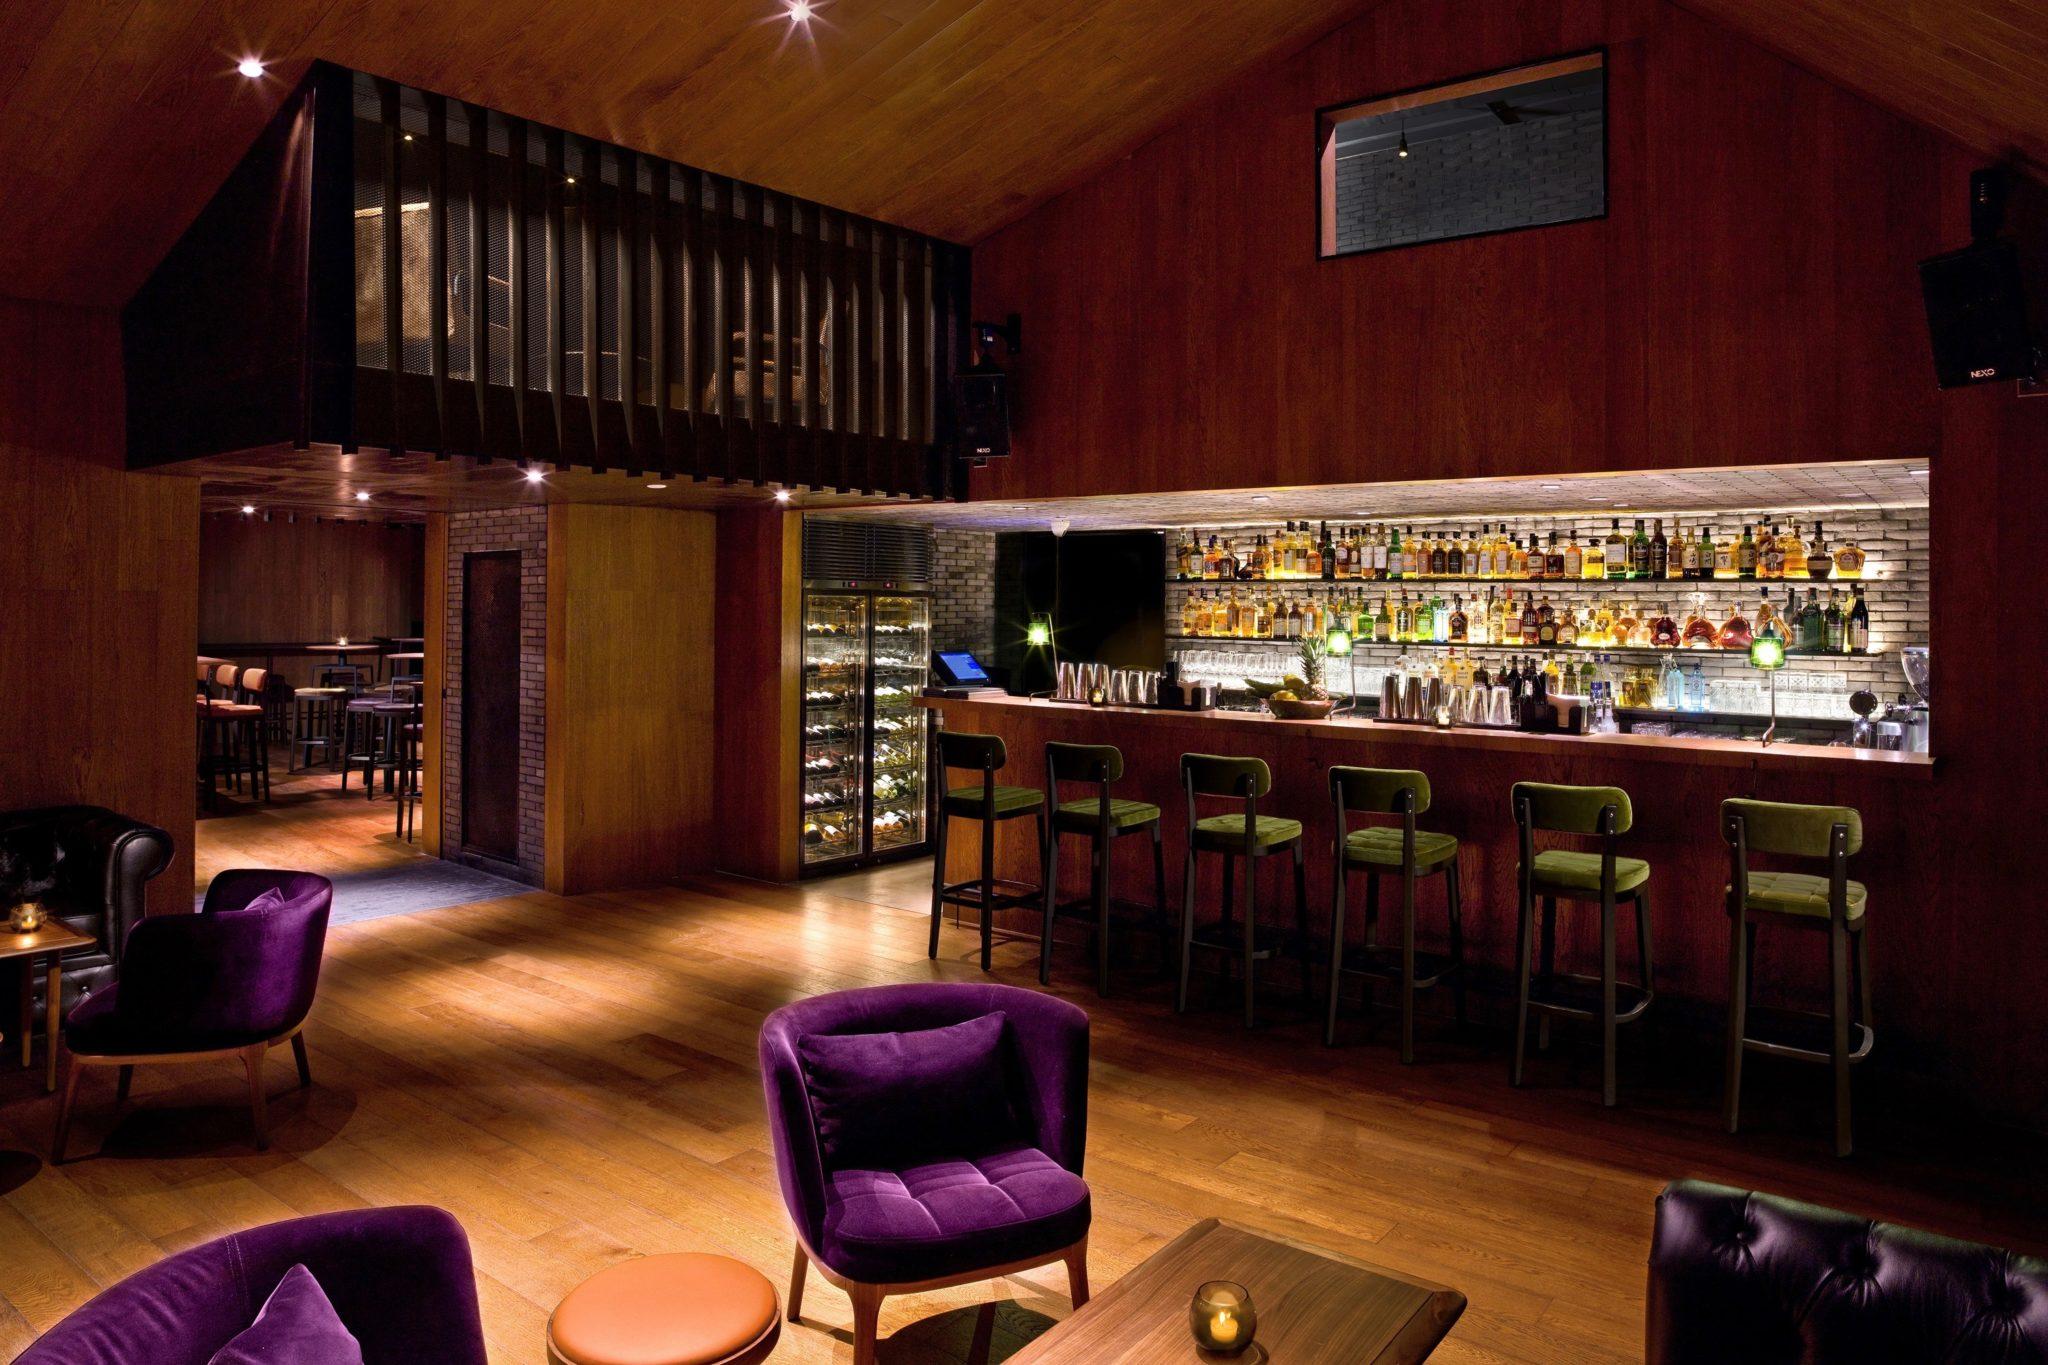 Die Whisky Bar als Hotelbar ist so ziemlich der coolste Ort für einen Absacker in der Metropole Peking